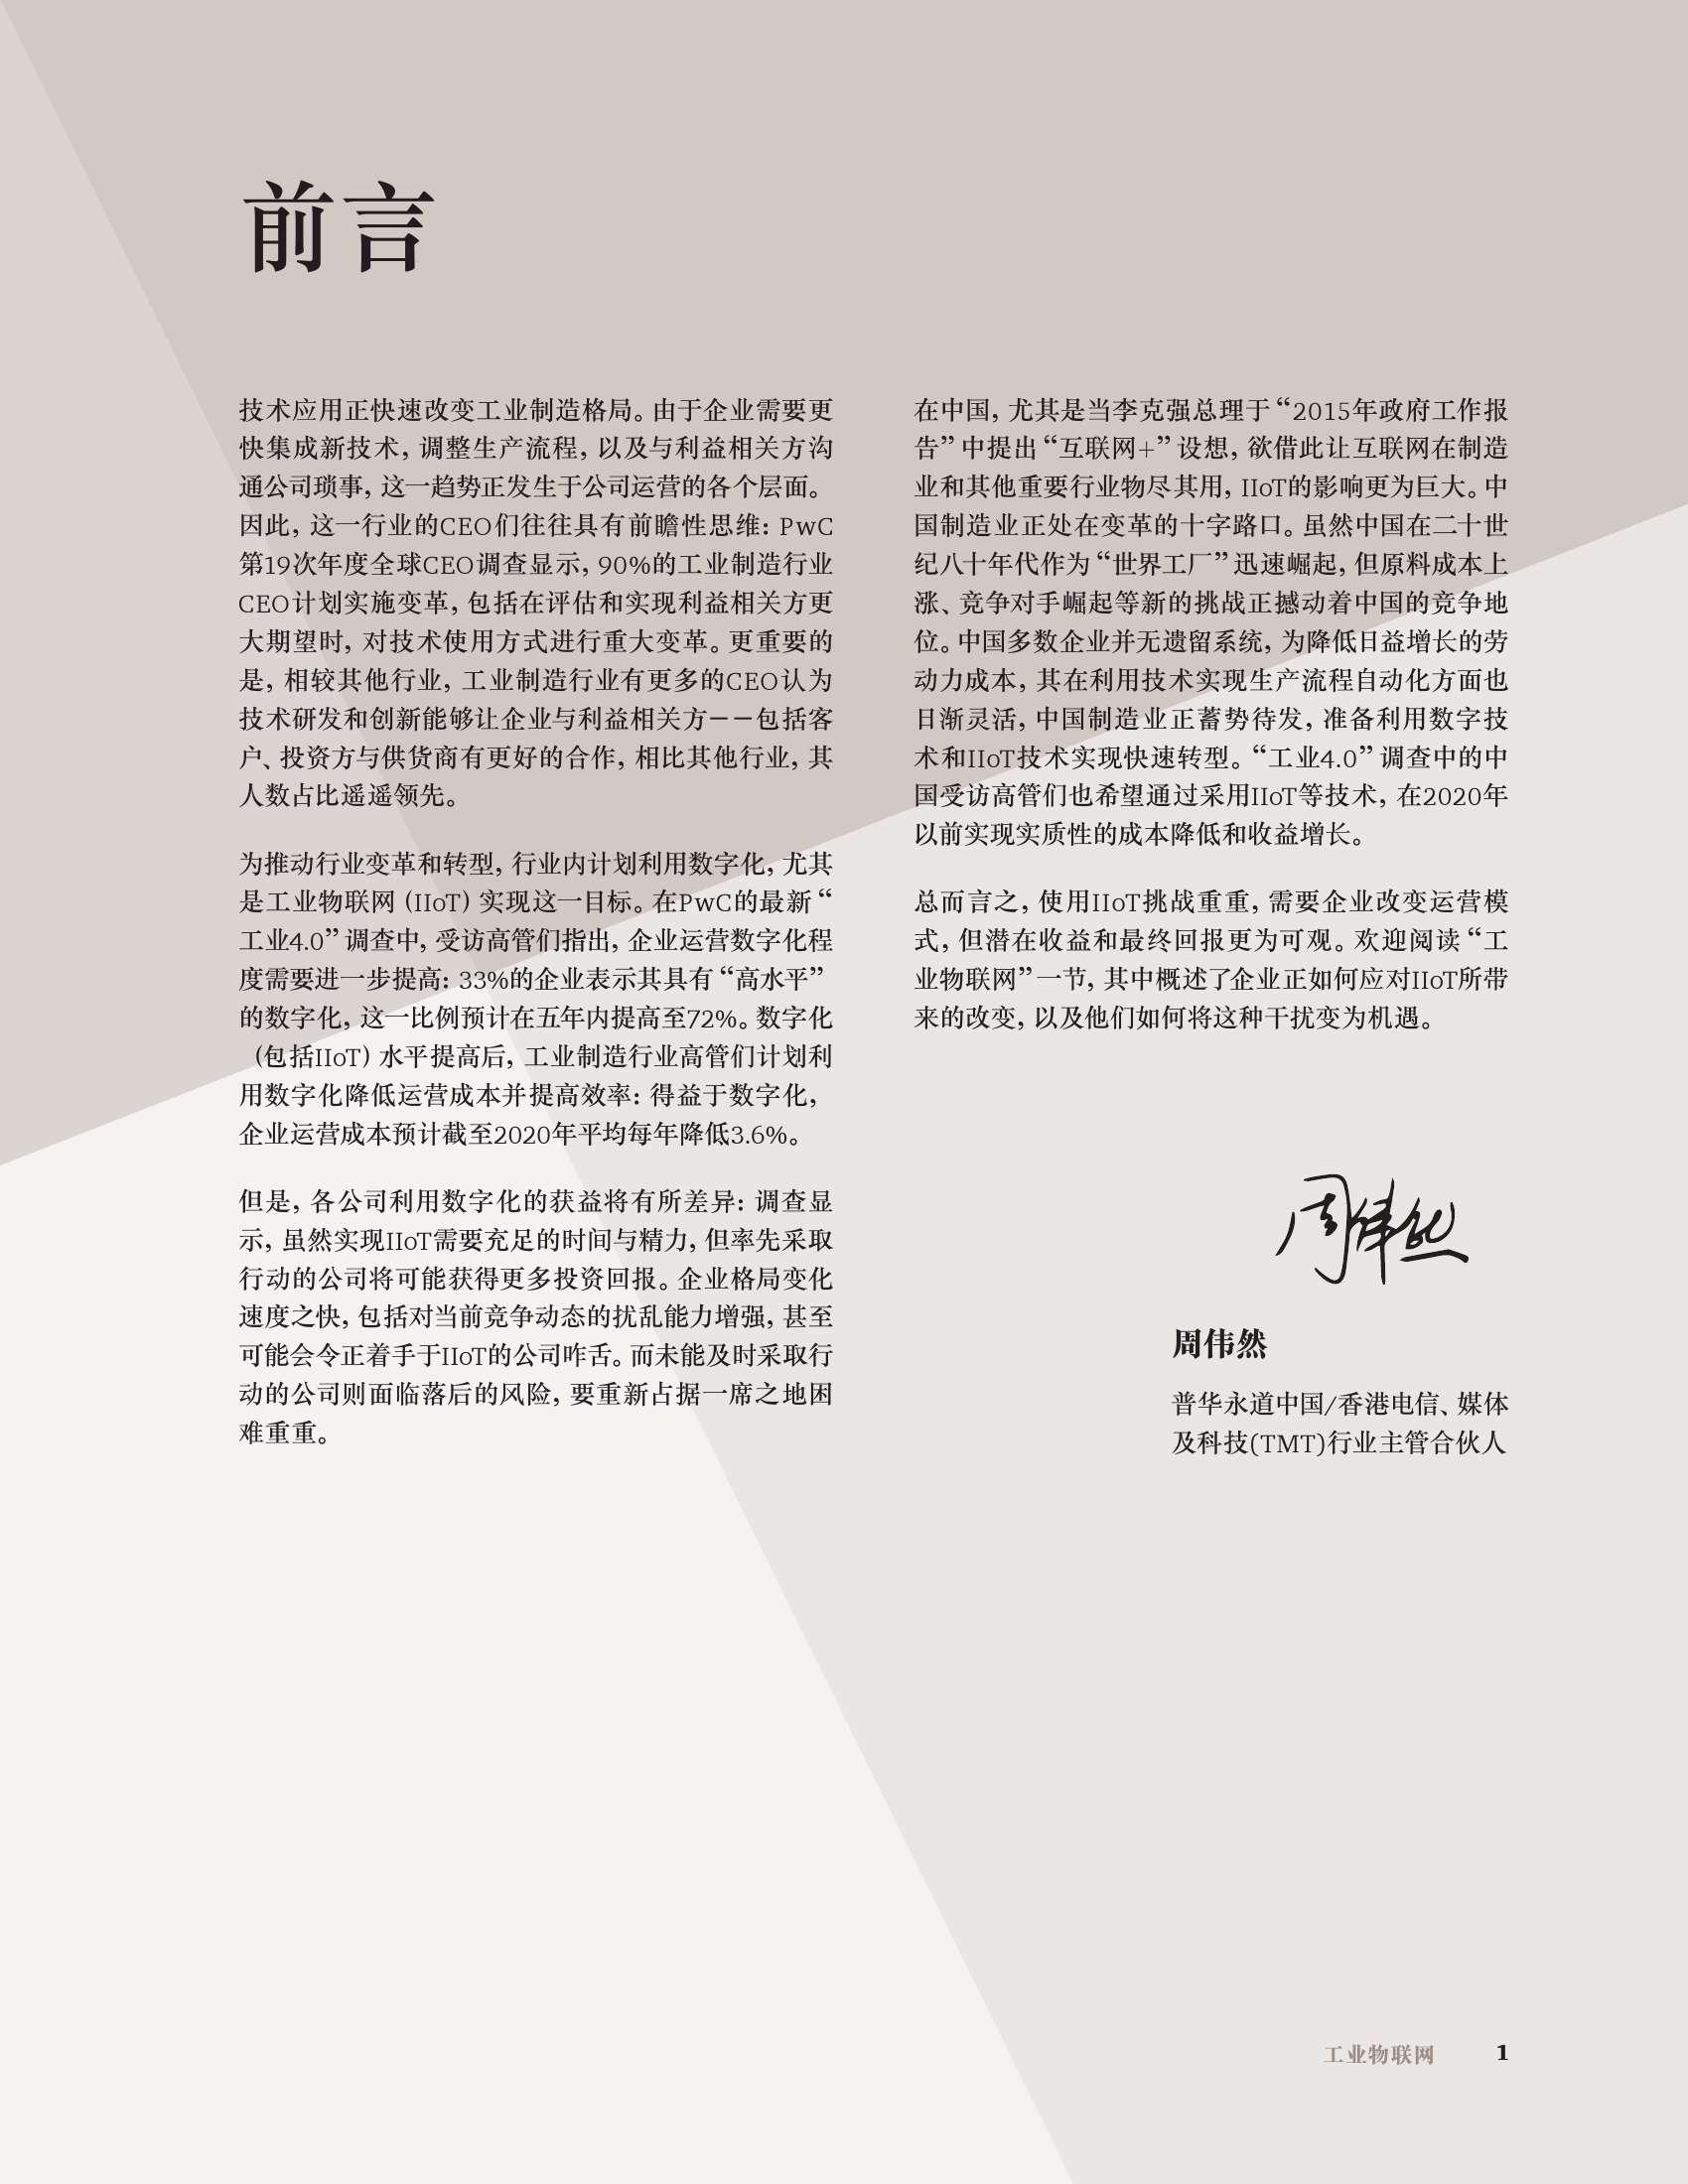 工业互联网_000003